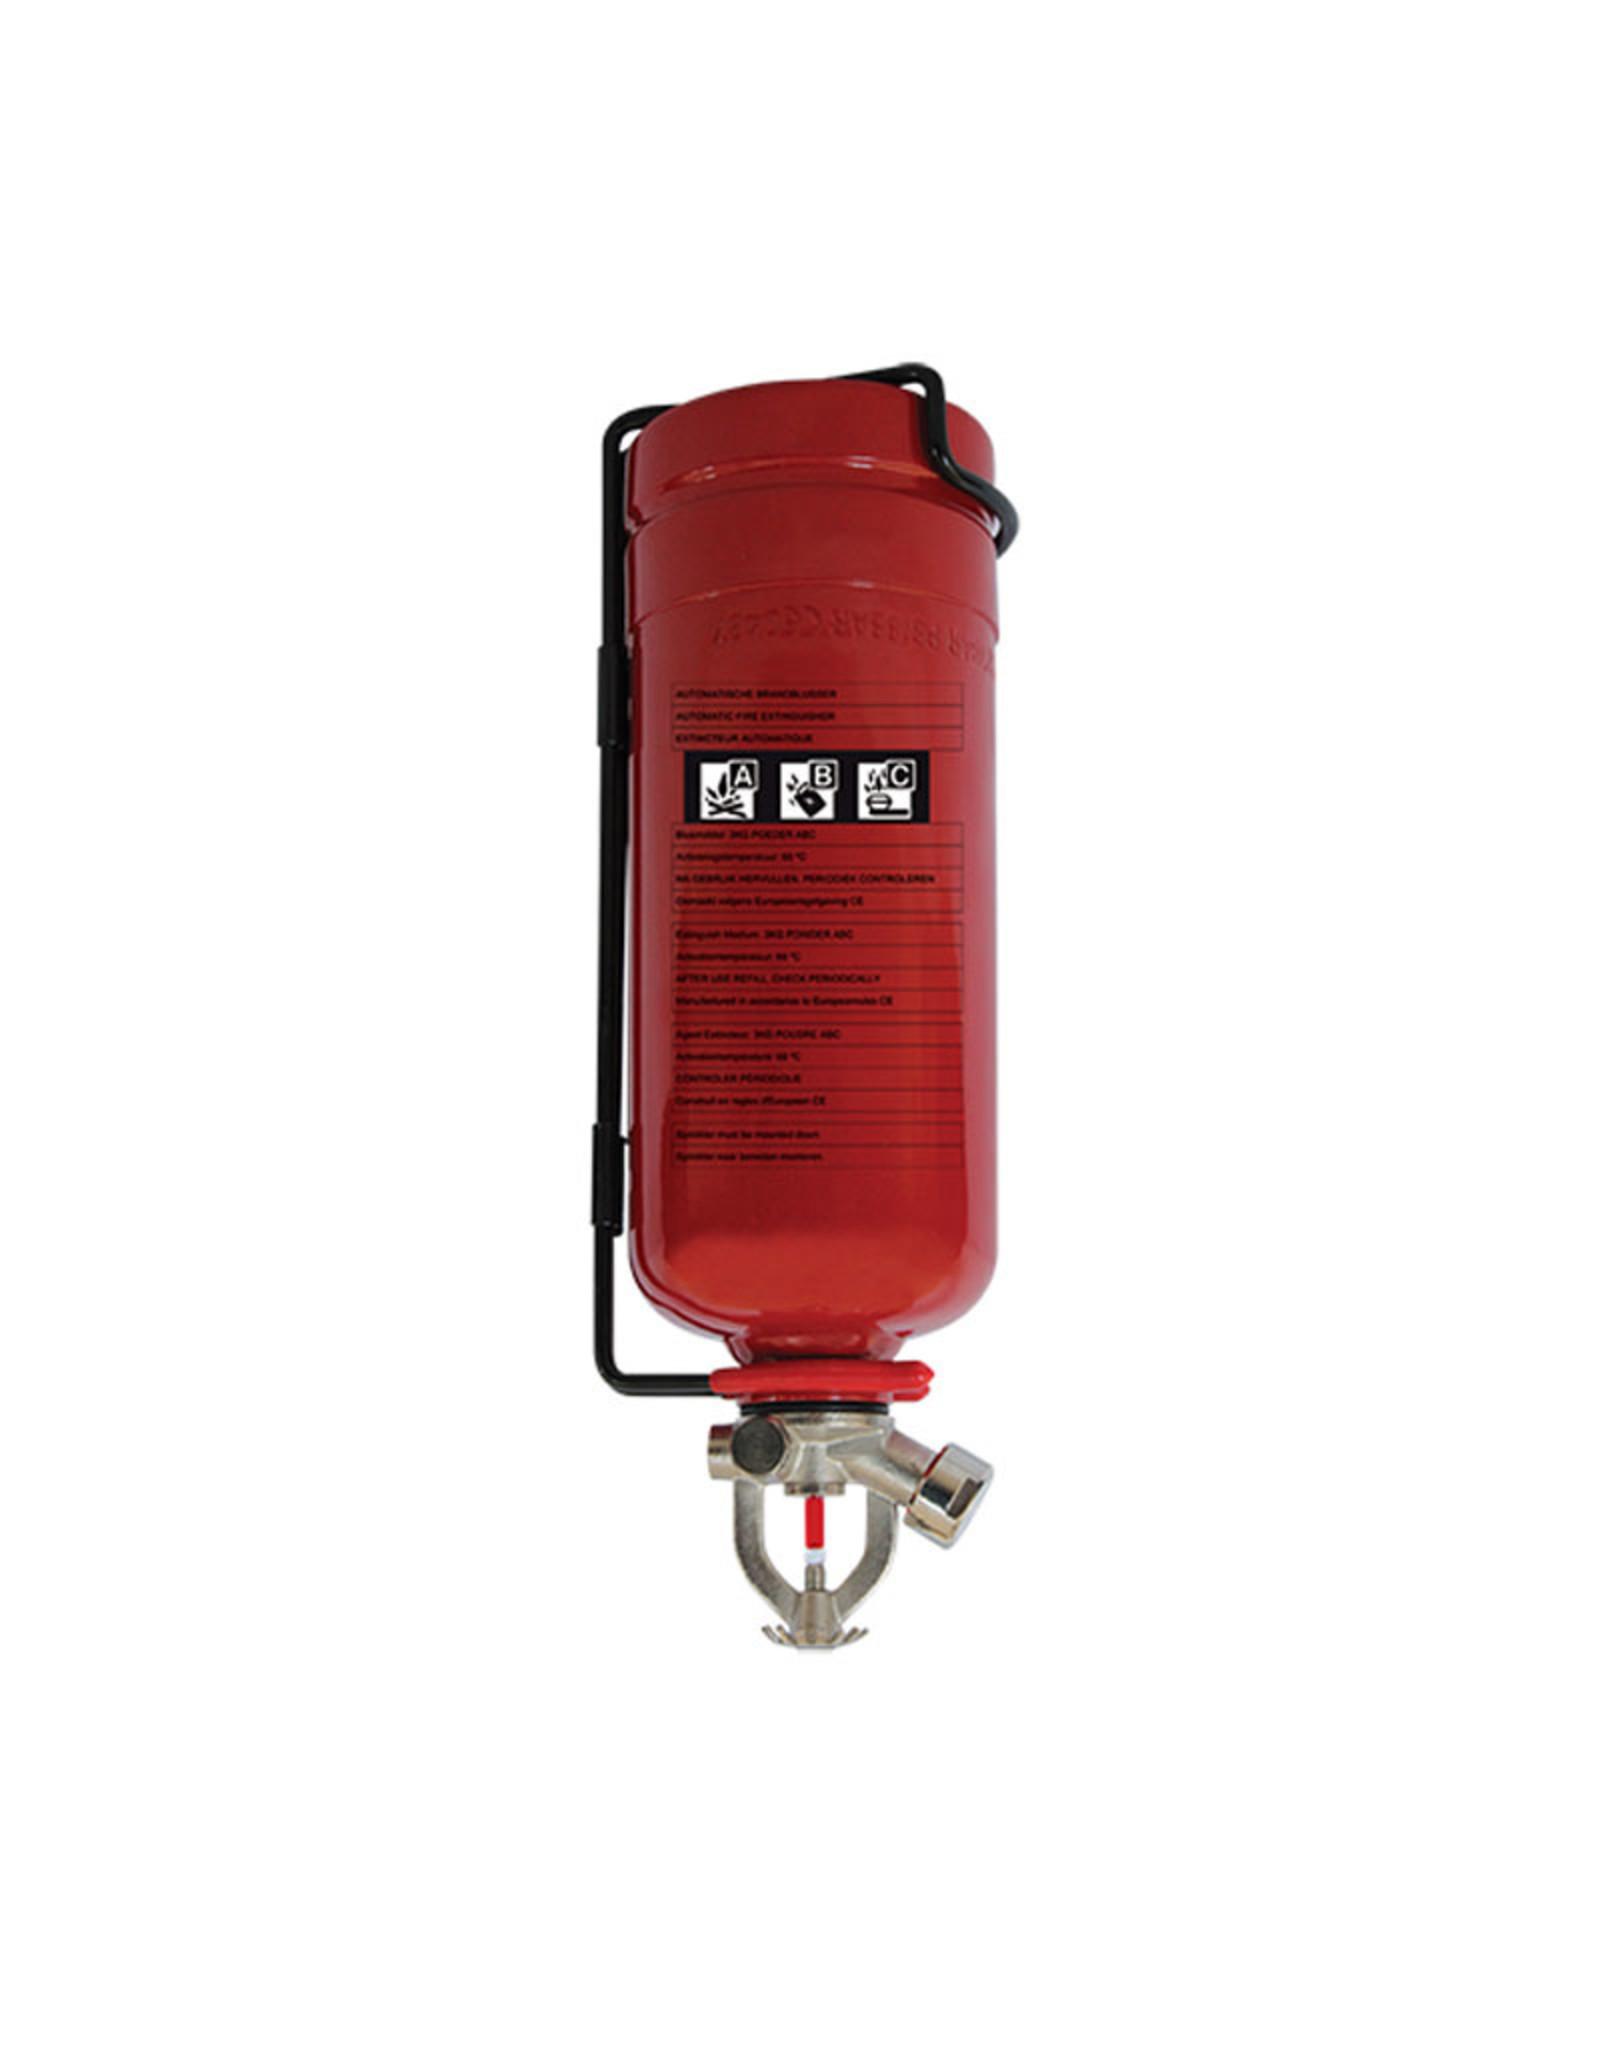 FERTRASO FERTRASO FIRE EXTINGUISHER